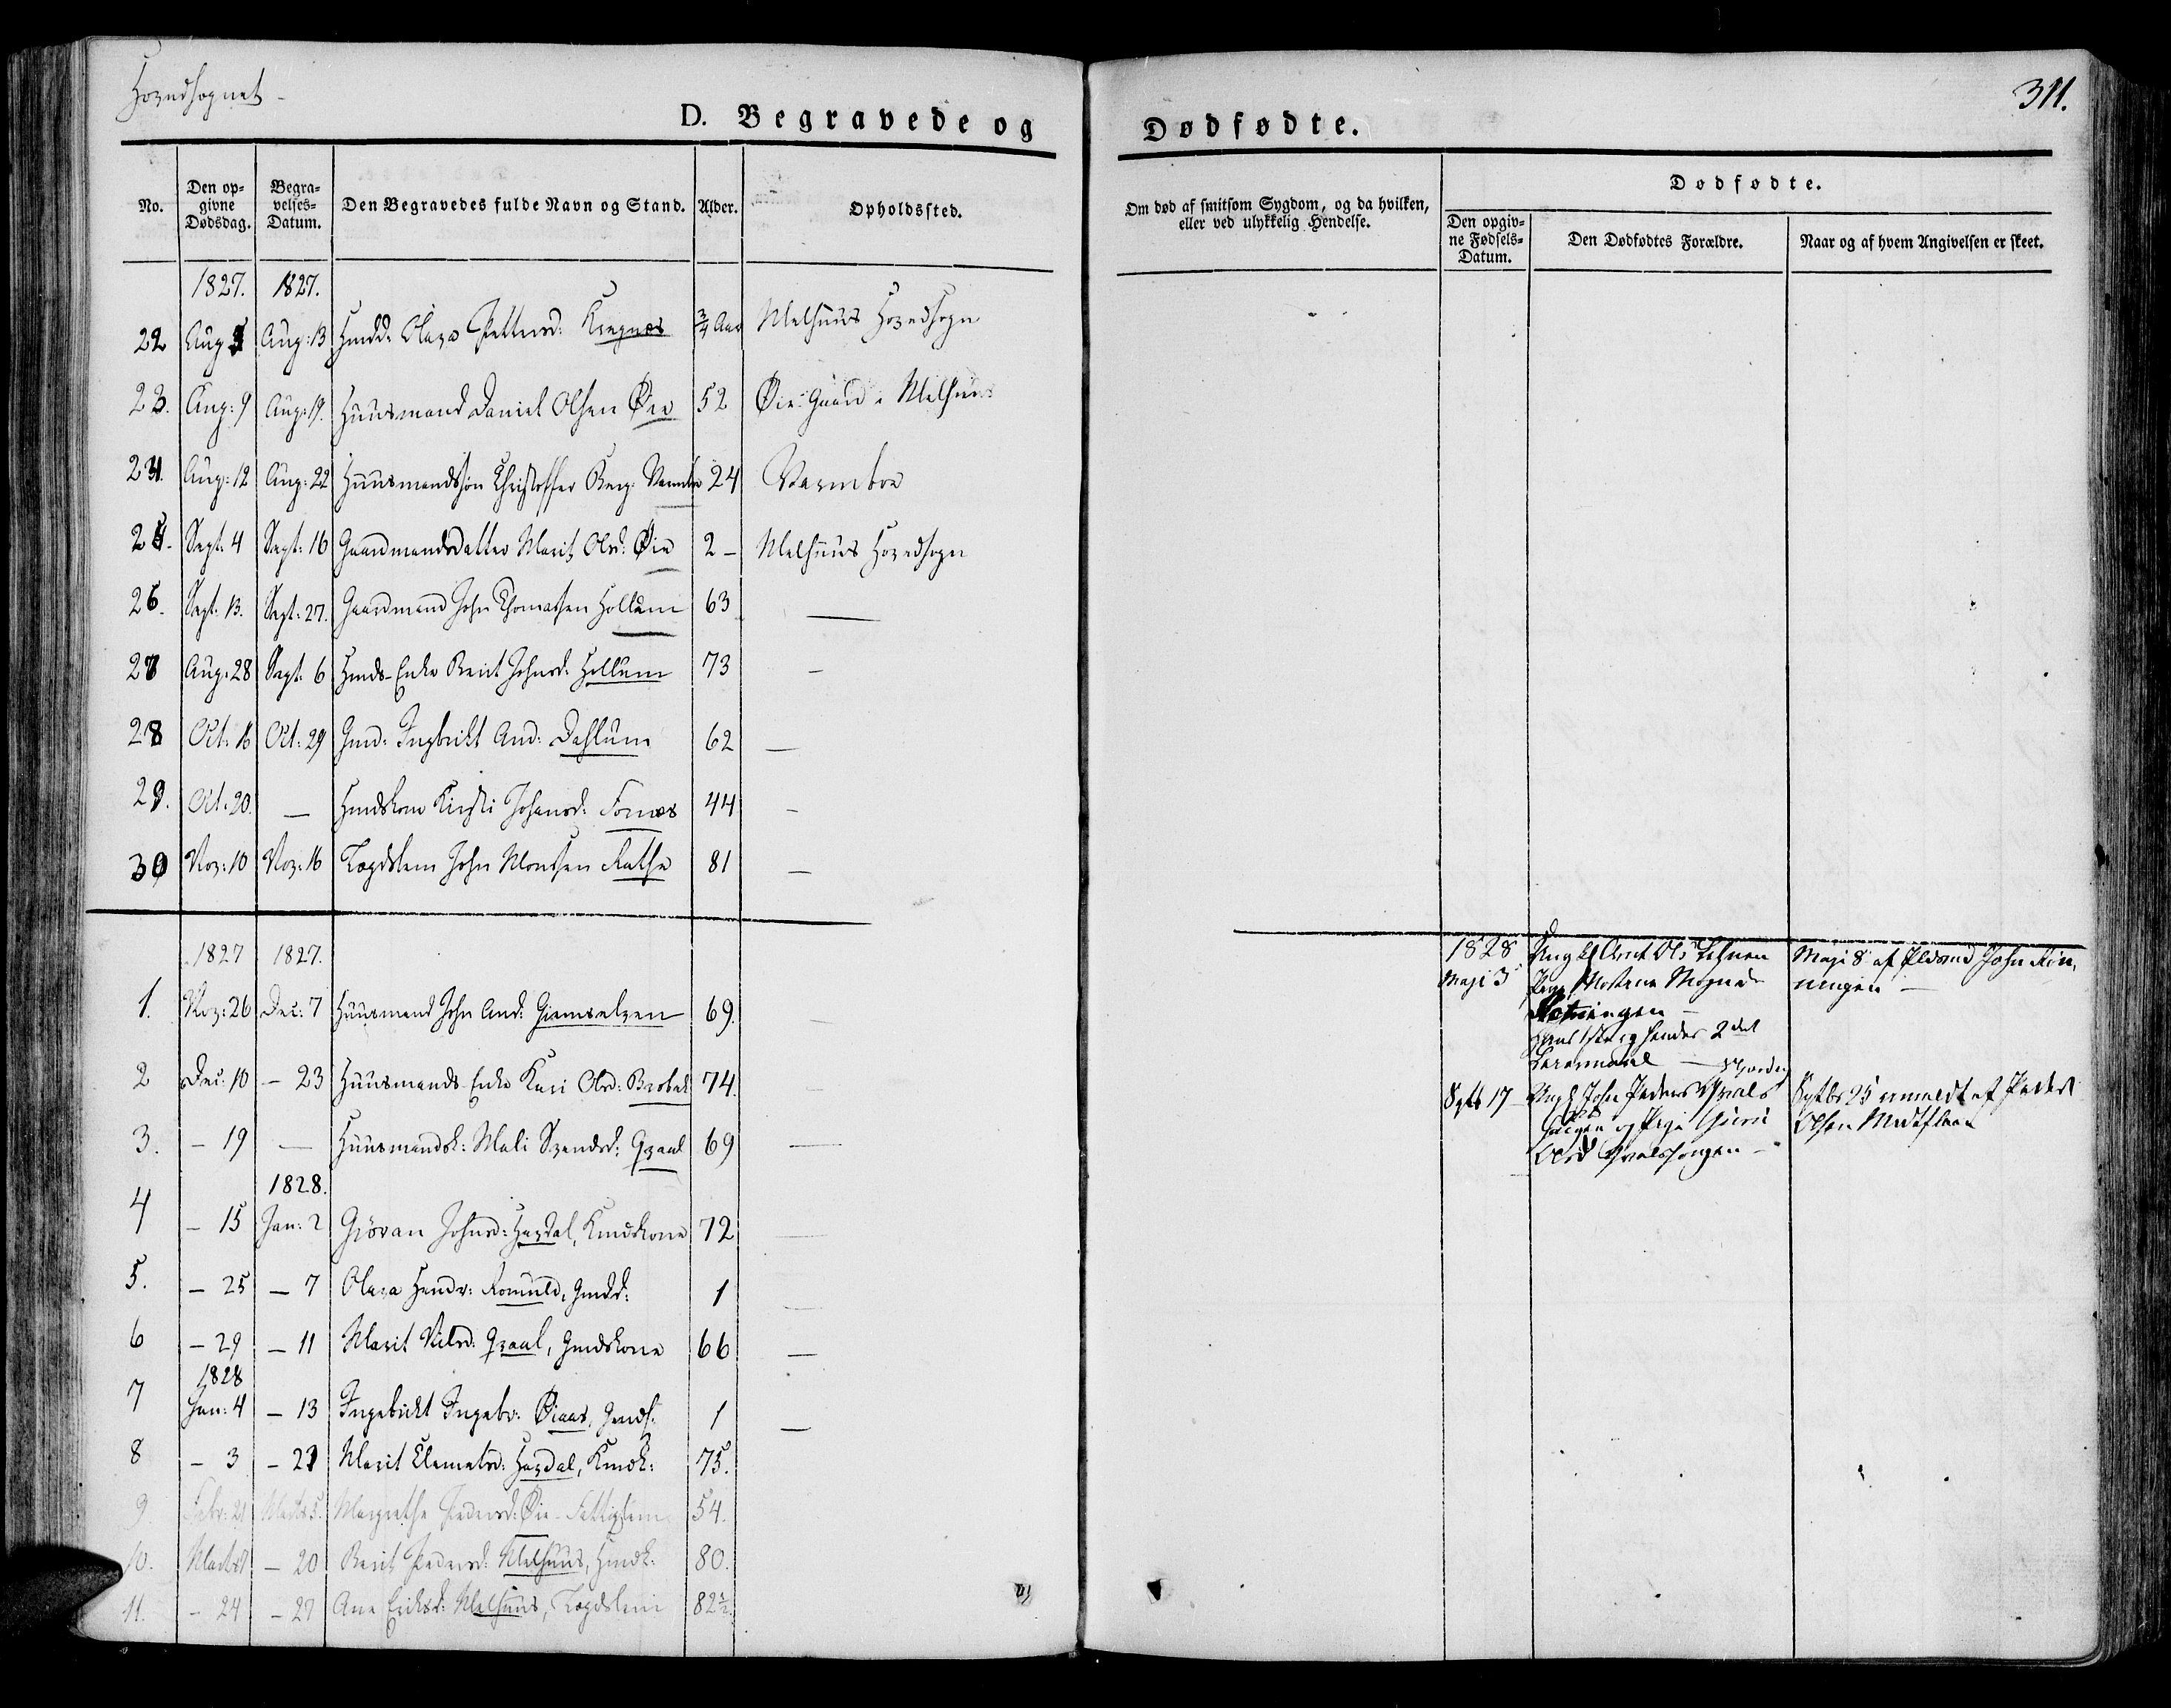 SAT, Ministerialprotokoller, klokkerbøker og fødselsregistre - Sør-Trøndelag, 691/L1070: Ministerialbok nr. 691A05 /1, 1826-1841, s. 311